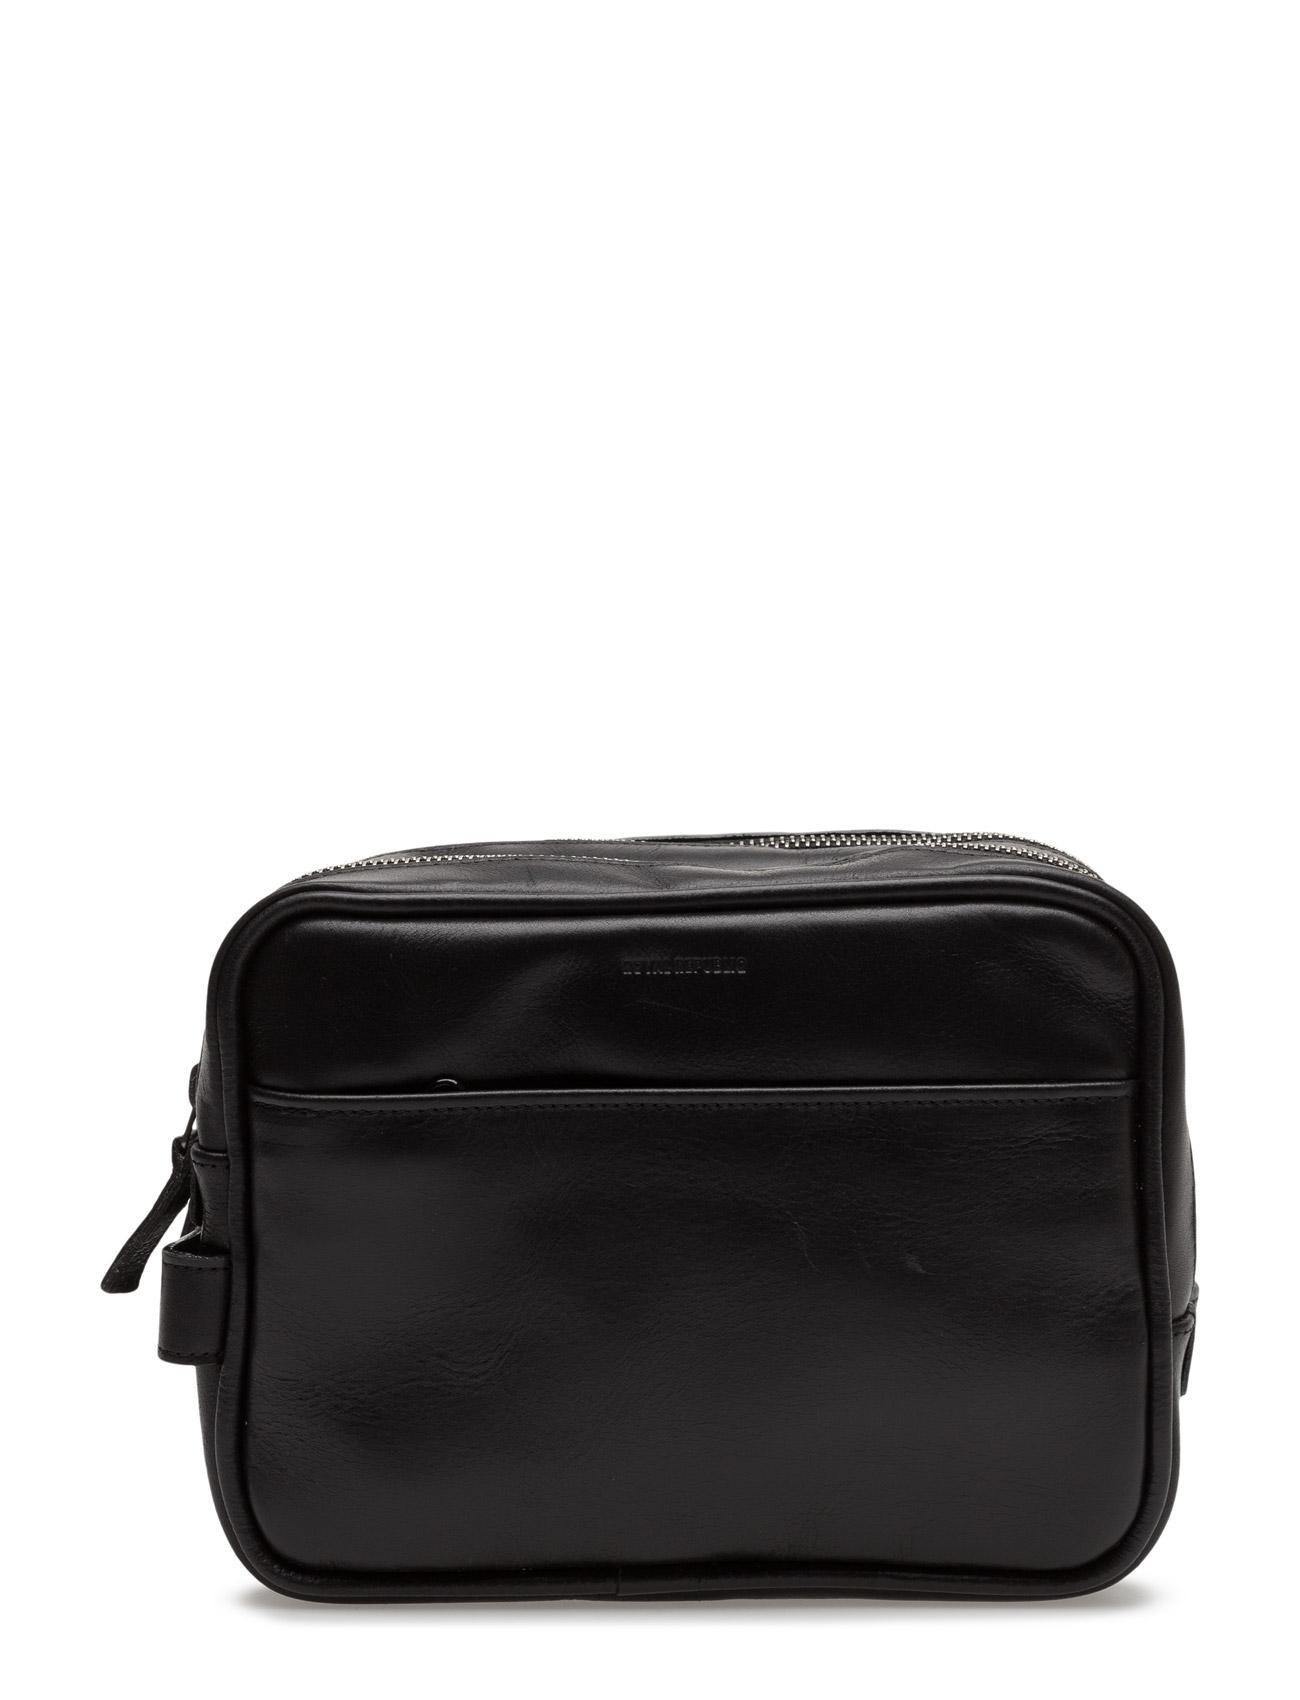 Explorer Toilet Bag Mini - Blk Royal RepubliQ Tasker til Unisex i Sort